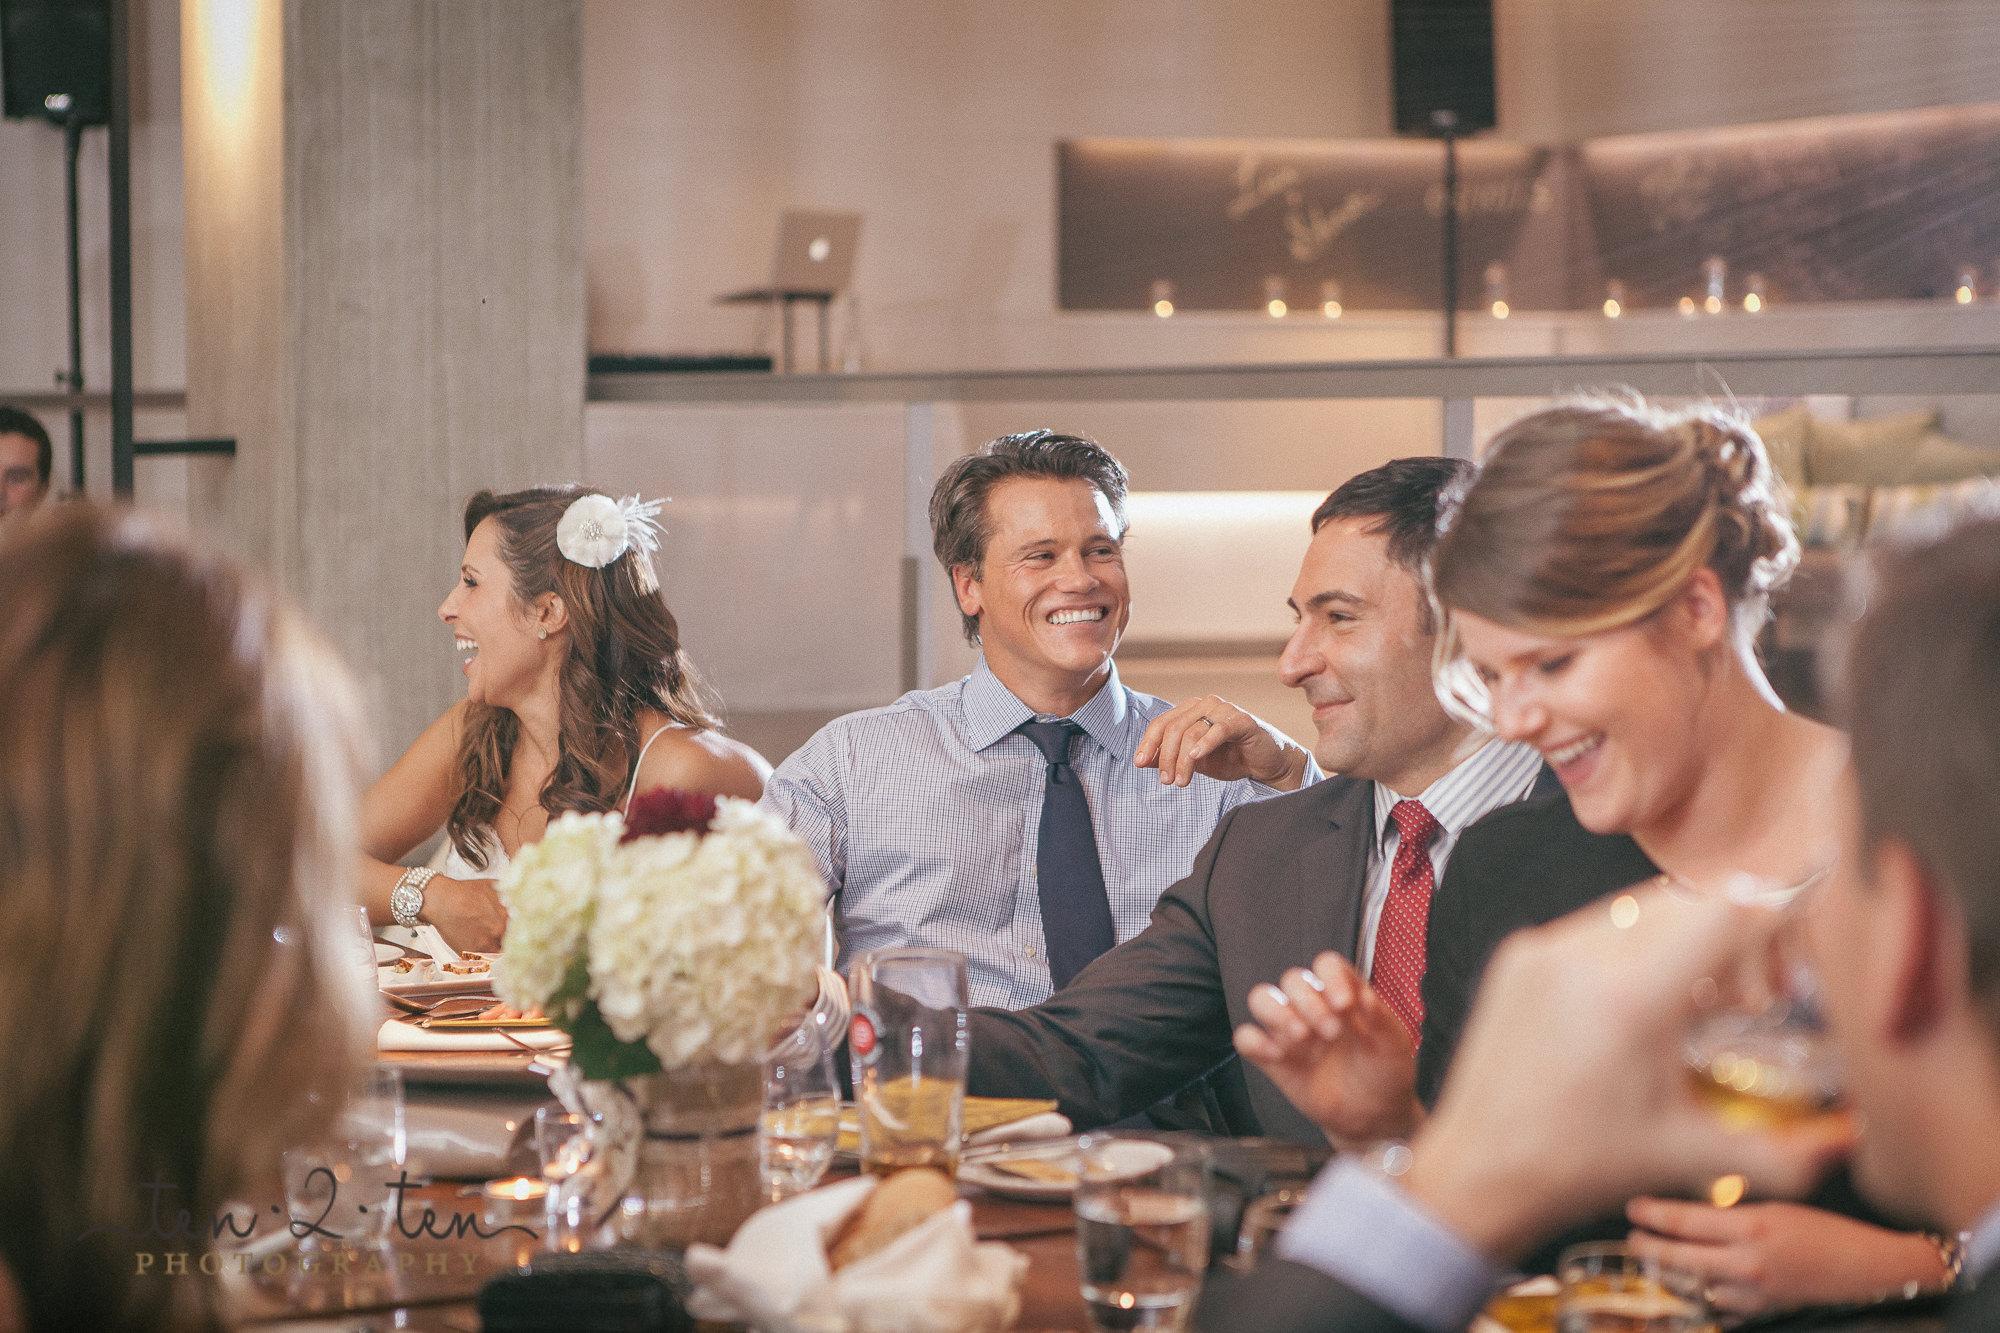 mildreds temple kitchen wedding photos 426 - Mildred's Temple Kitchen Wedding Photos